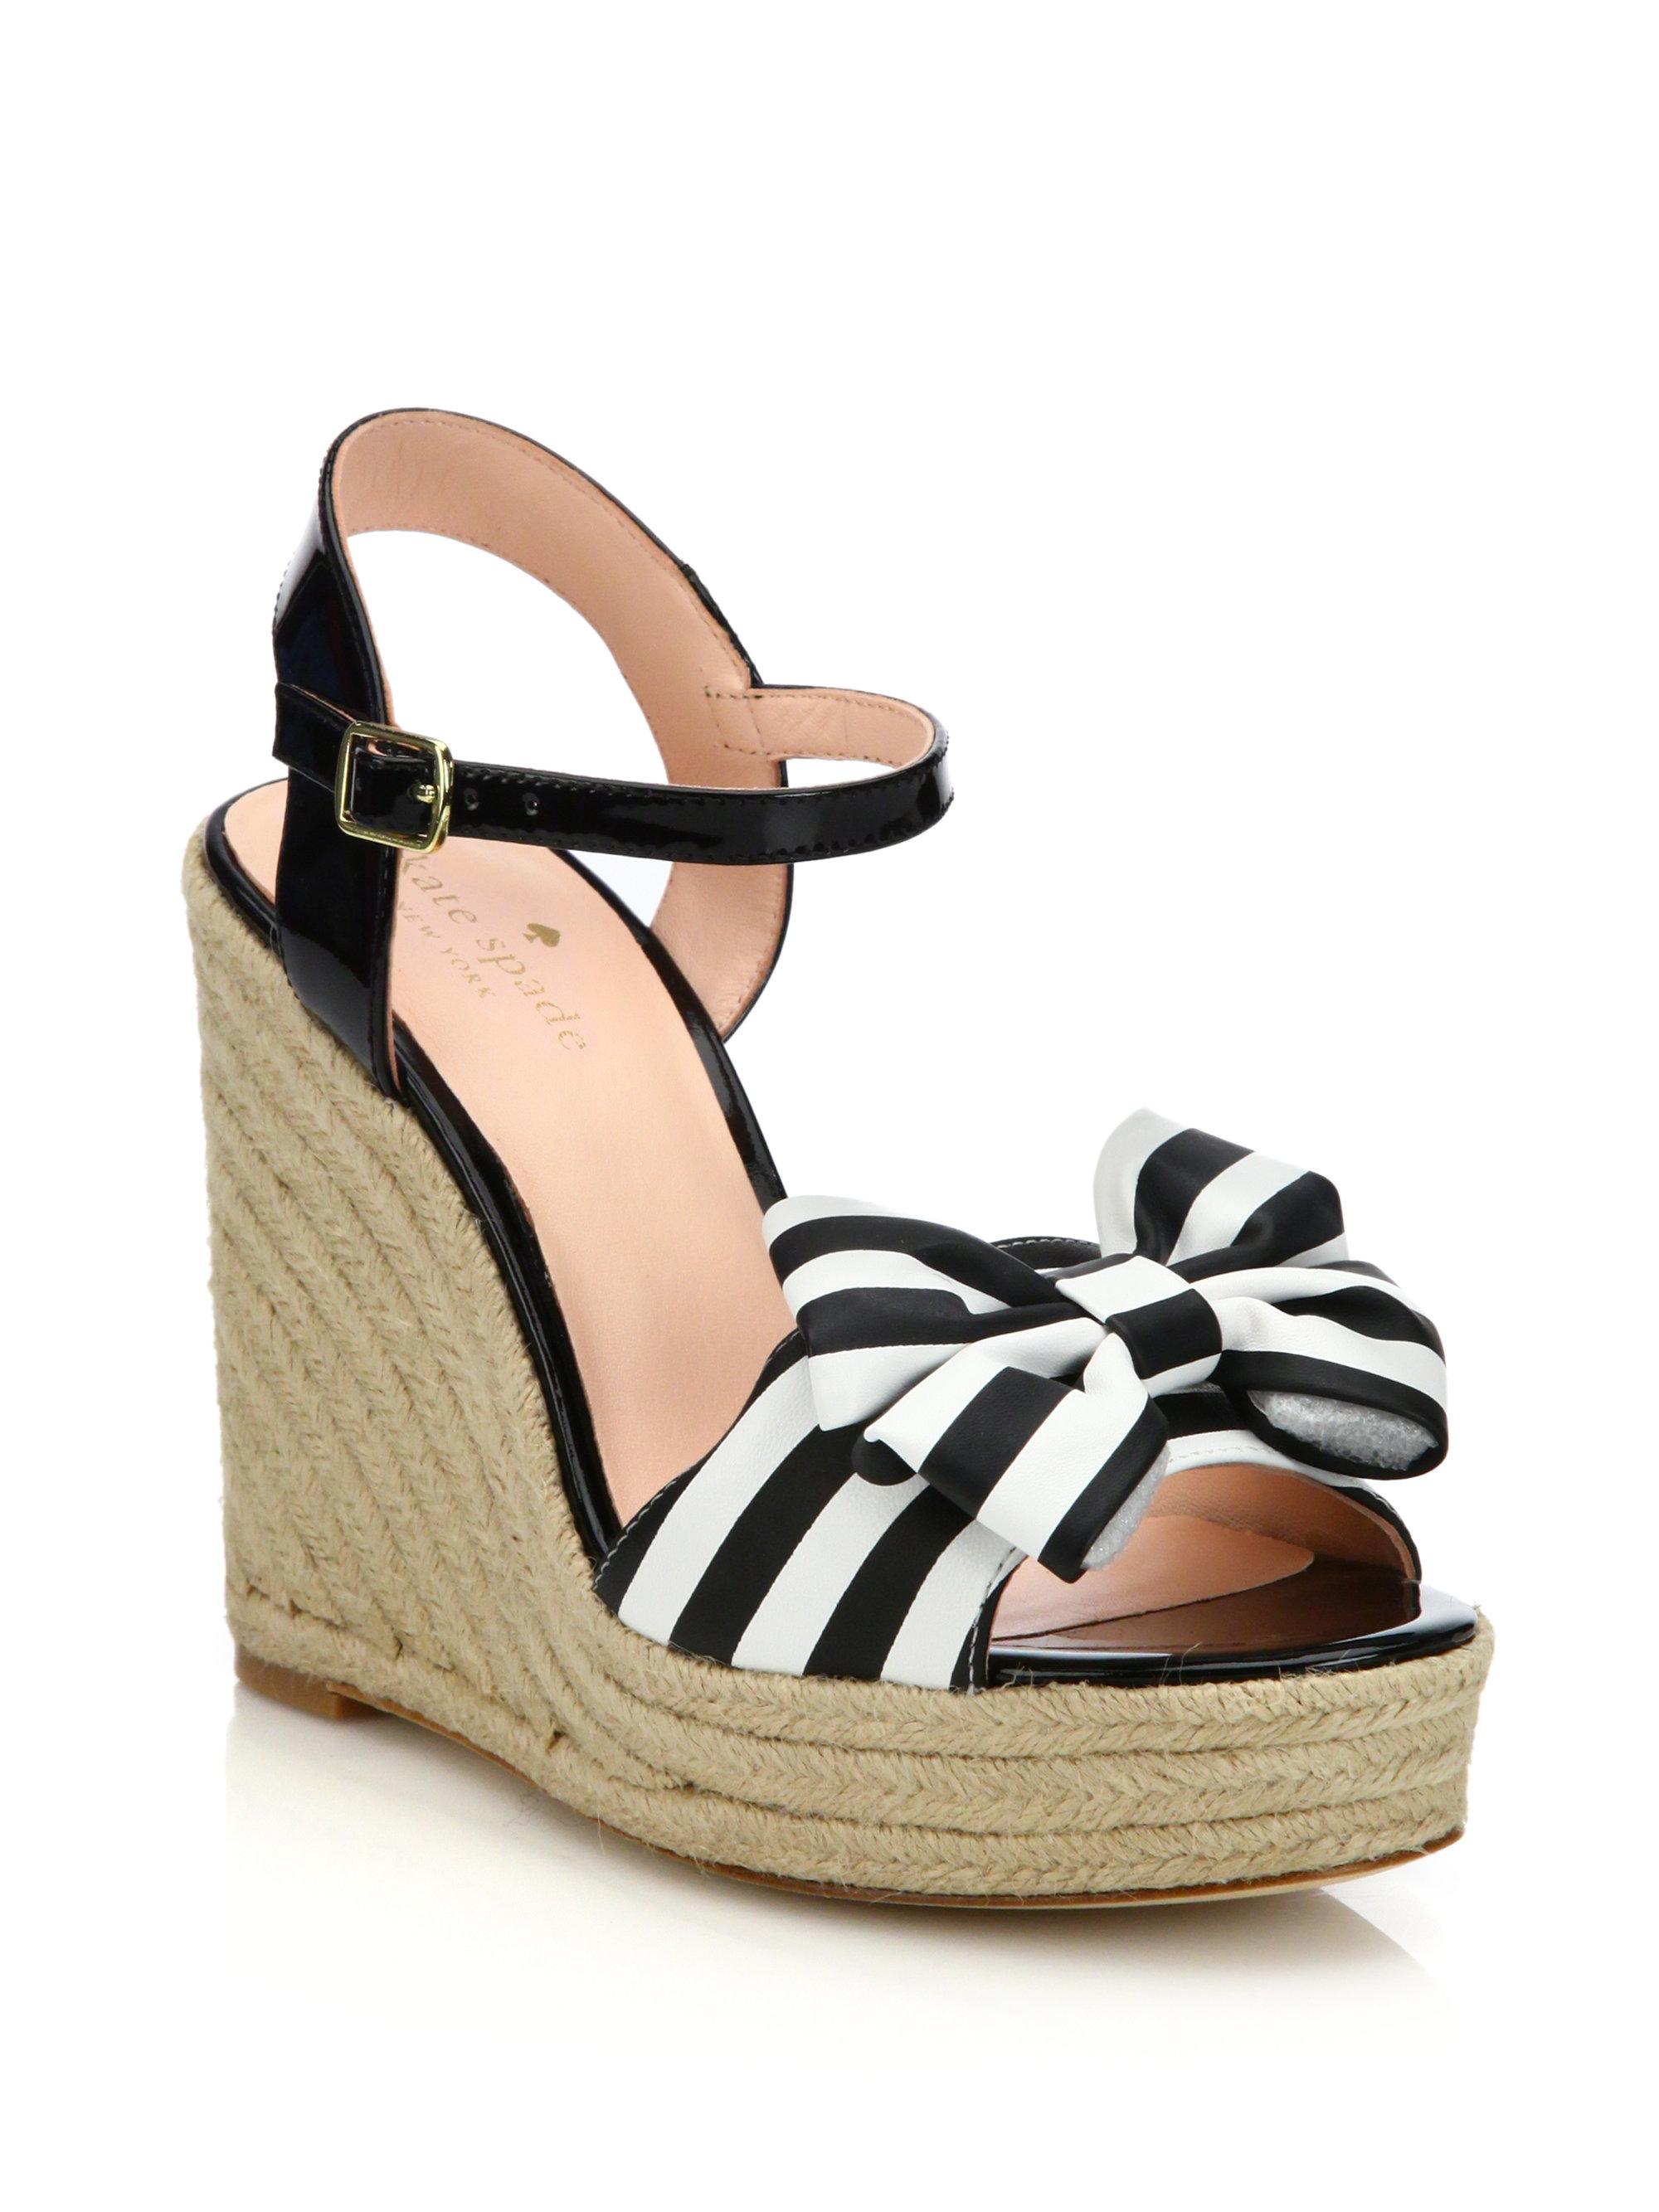 kate spade new york darya espadrille wedge sandals in